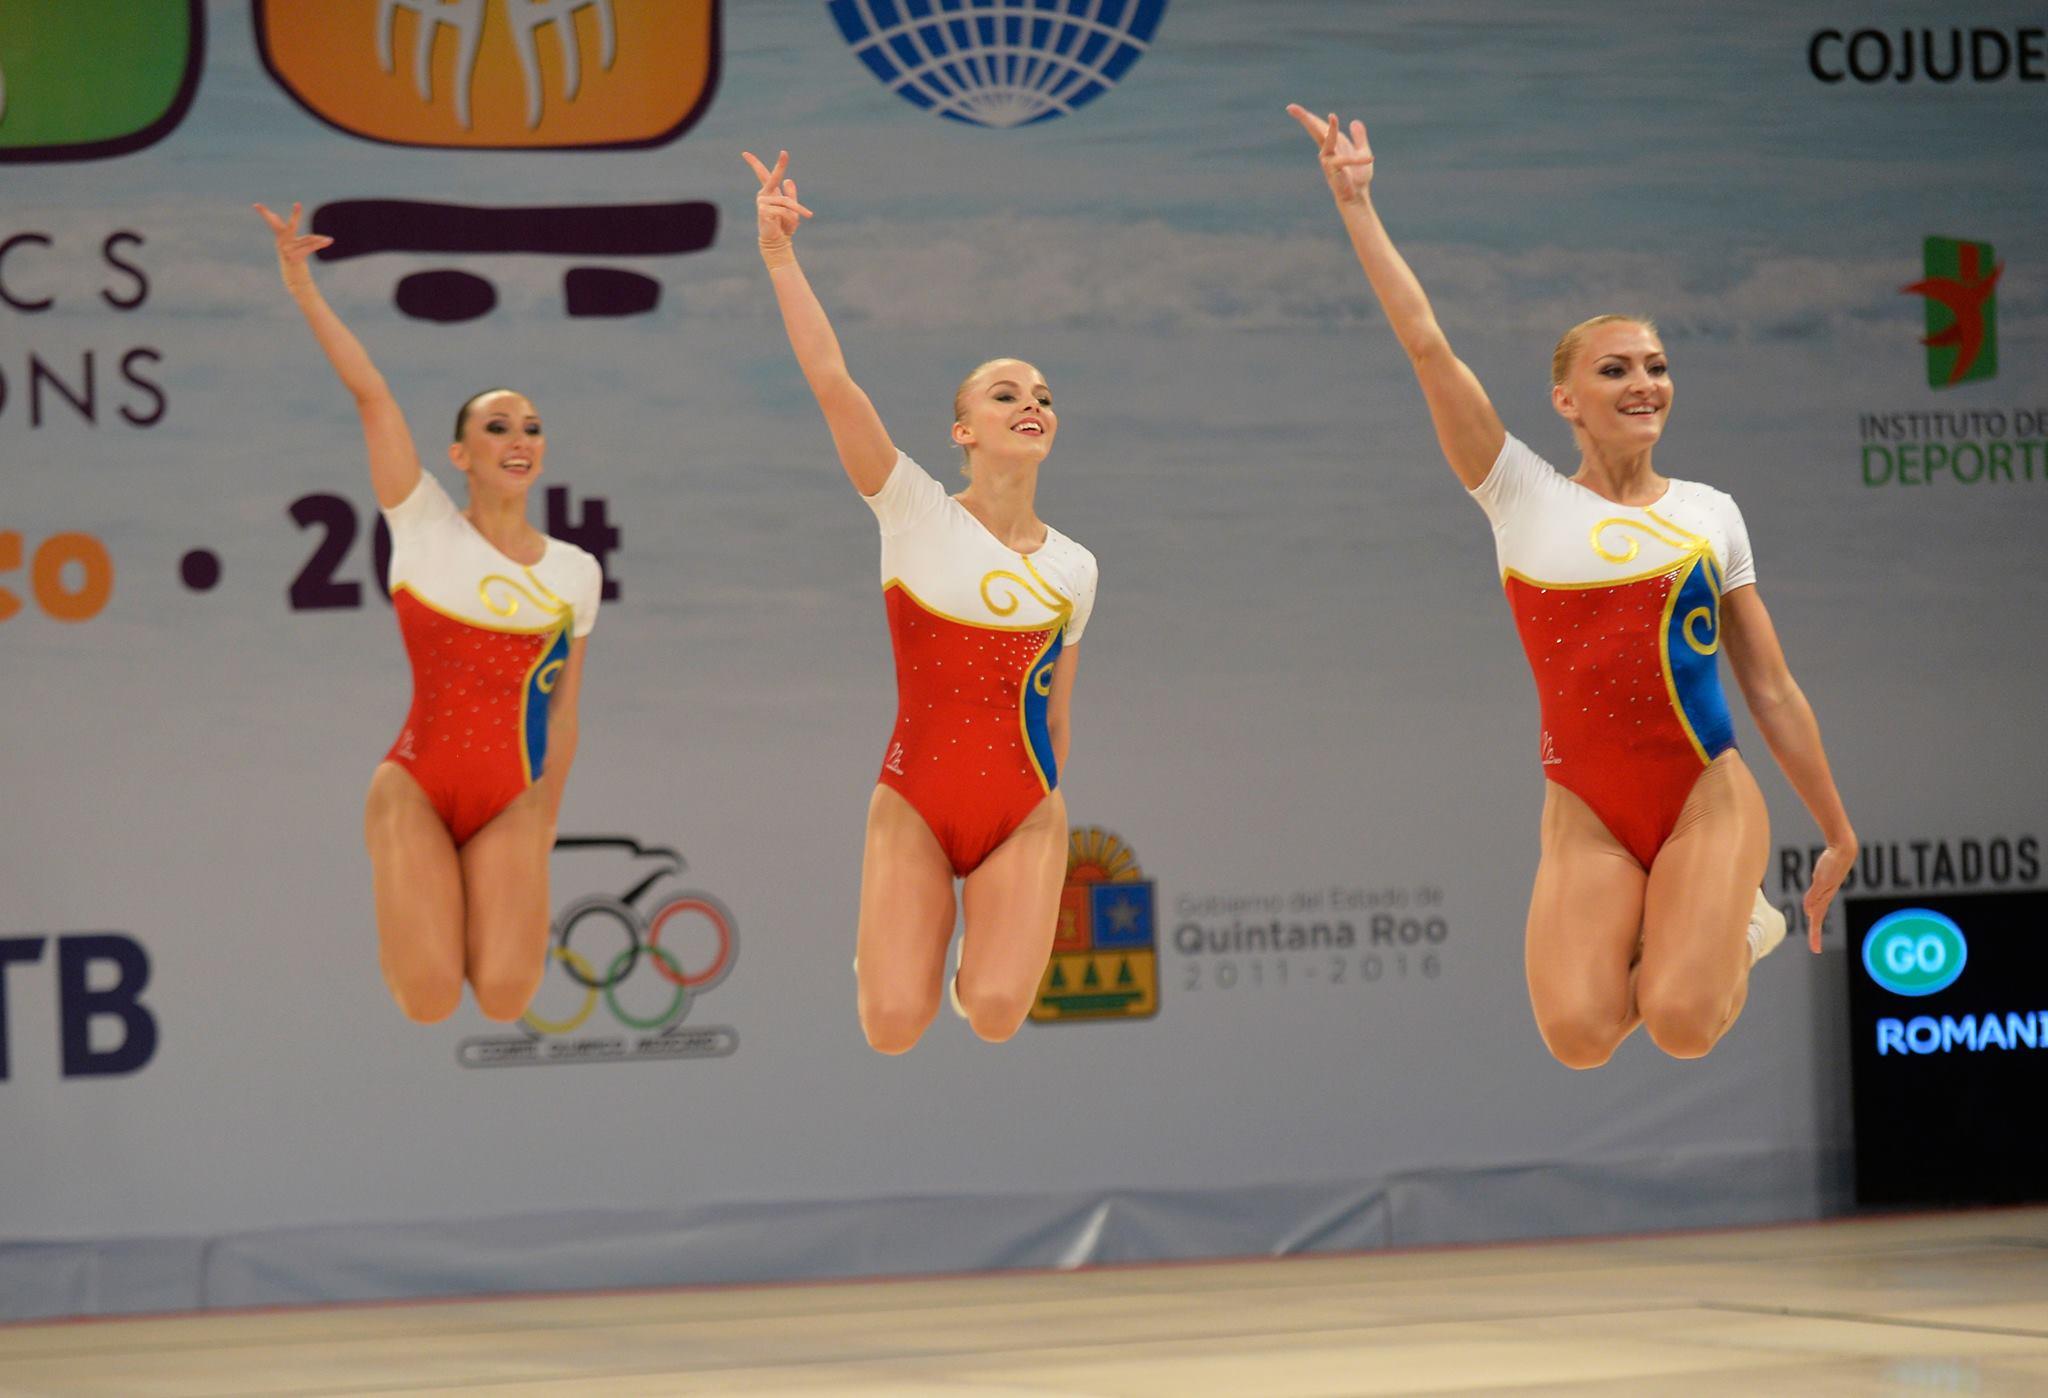 Medalia de aru pentru Romania la CM gimnastica aerobica